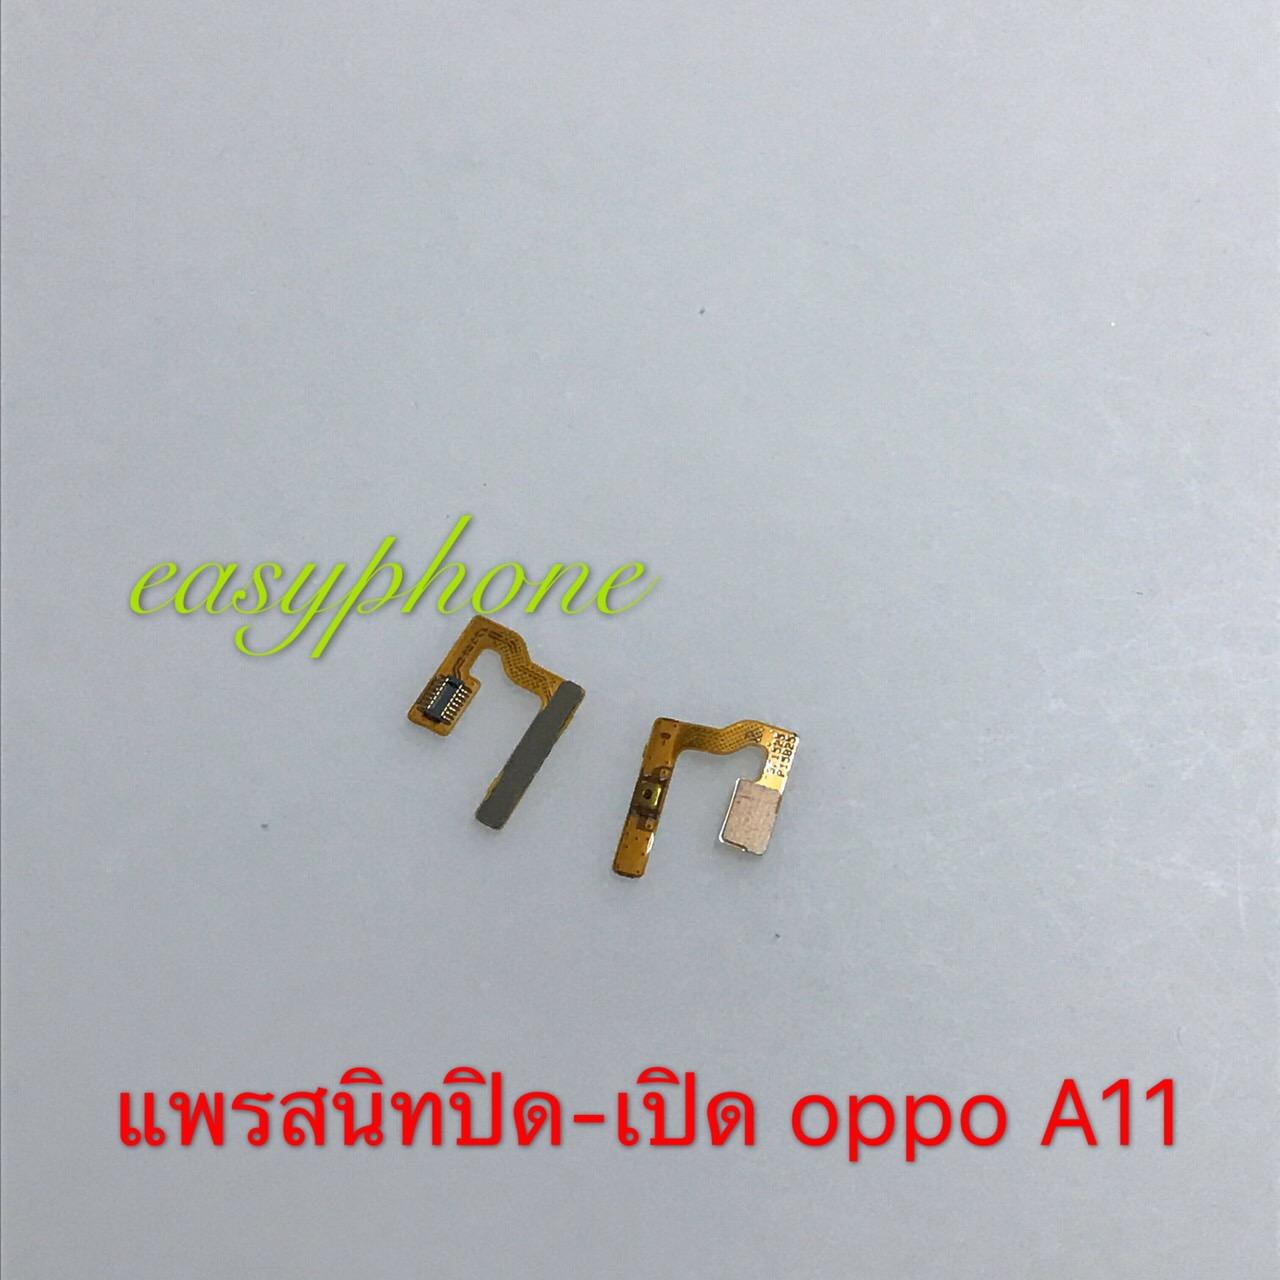 แพรสวิท เปิด-ปิด OPPO A11/Joy3